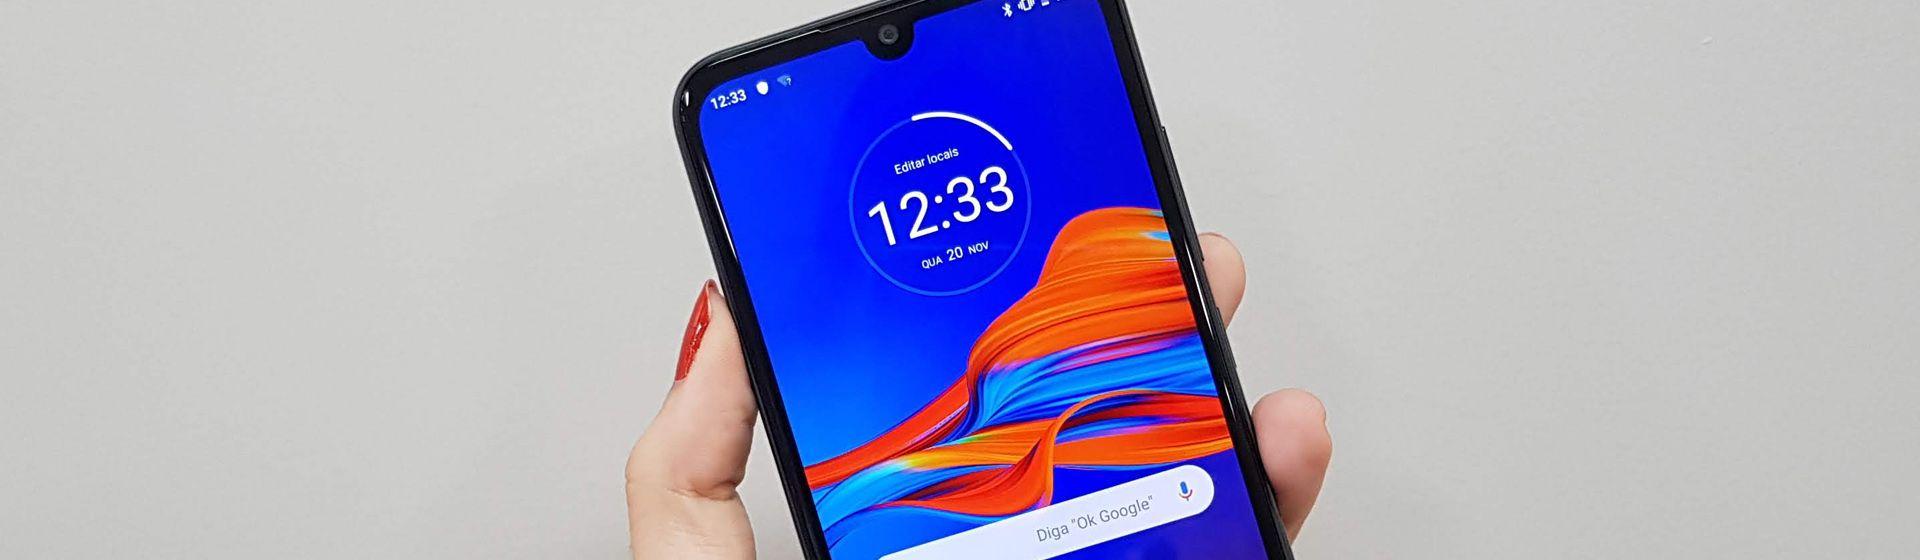 Moto E7: vazamento revela ficha técnica do celular Motorola